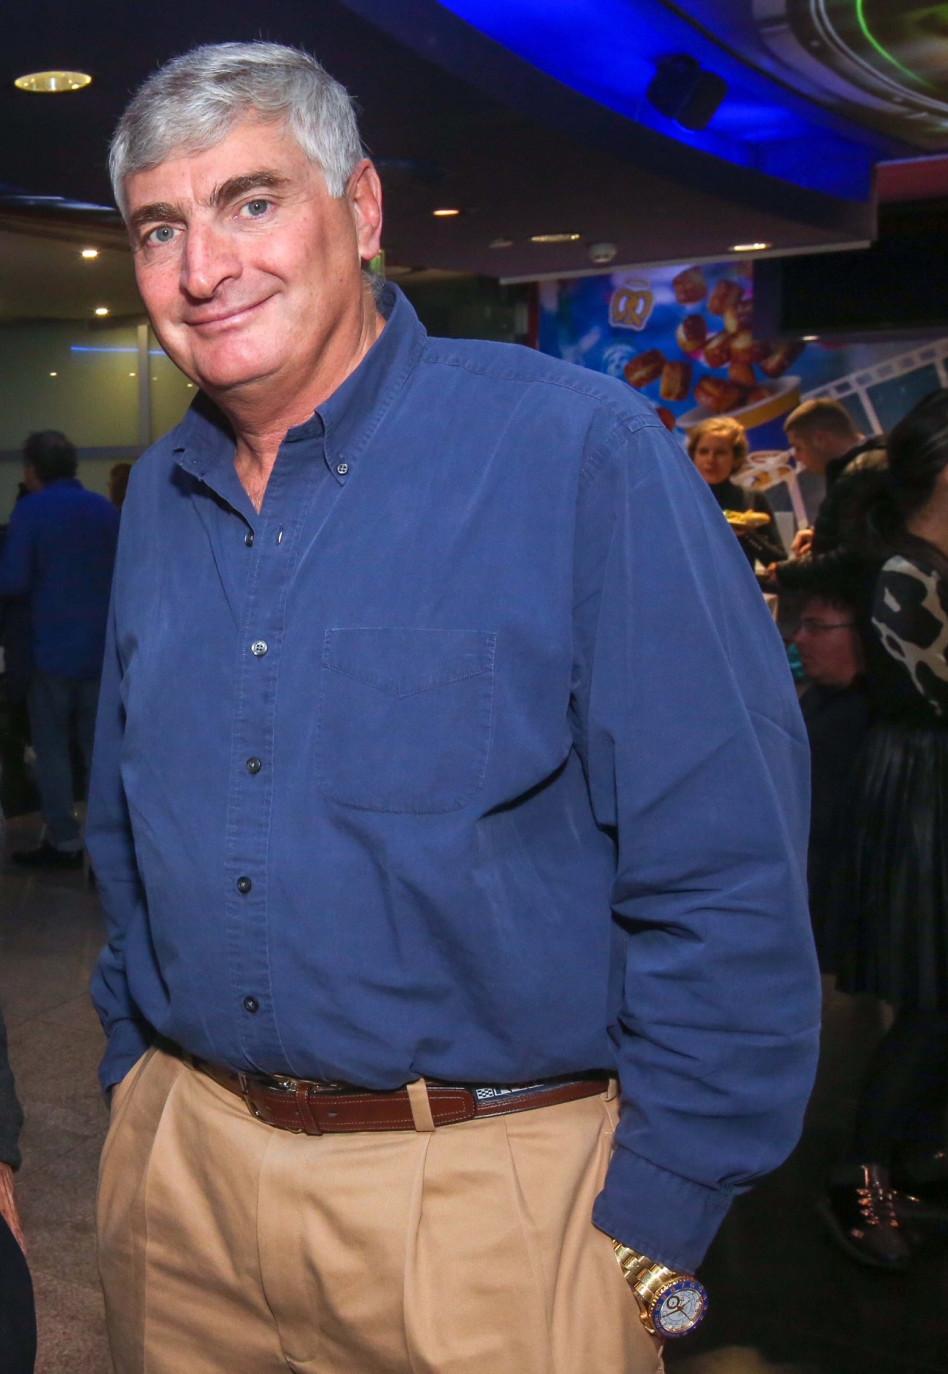 יגאל לנדאו (צילום: רונן טופלברג)